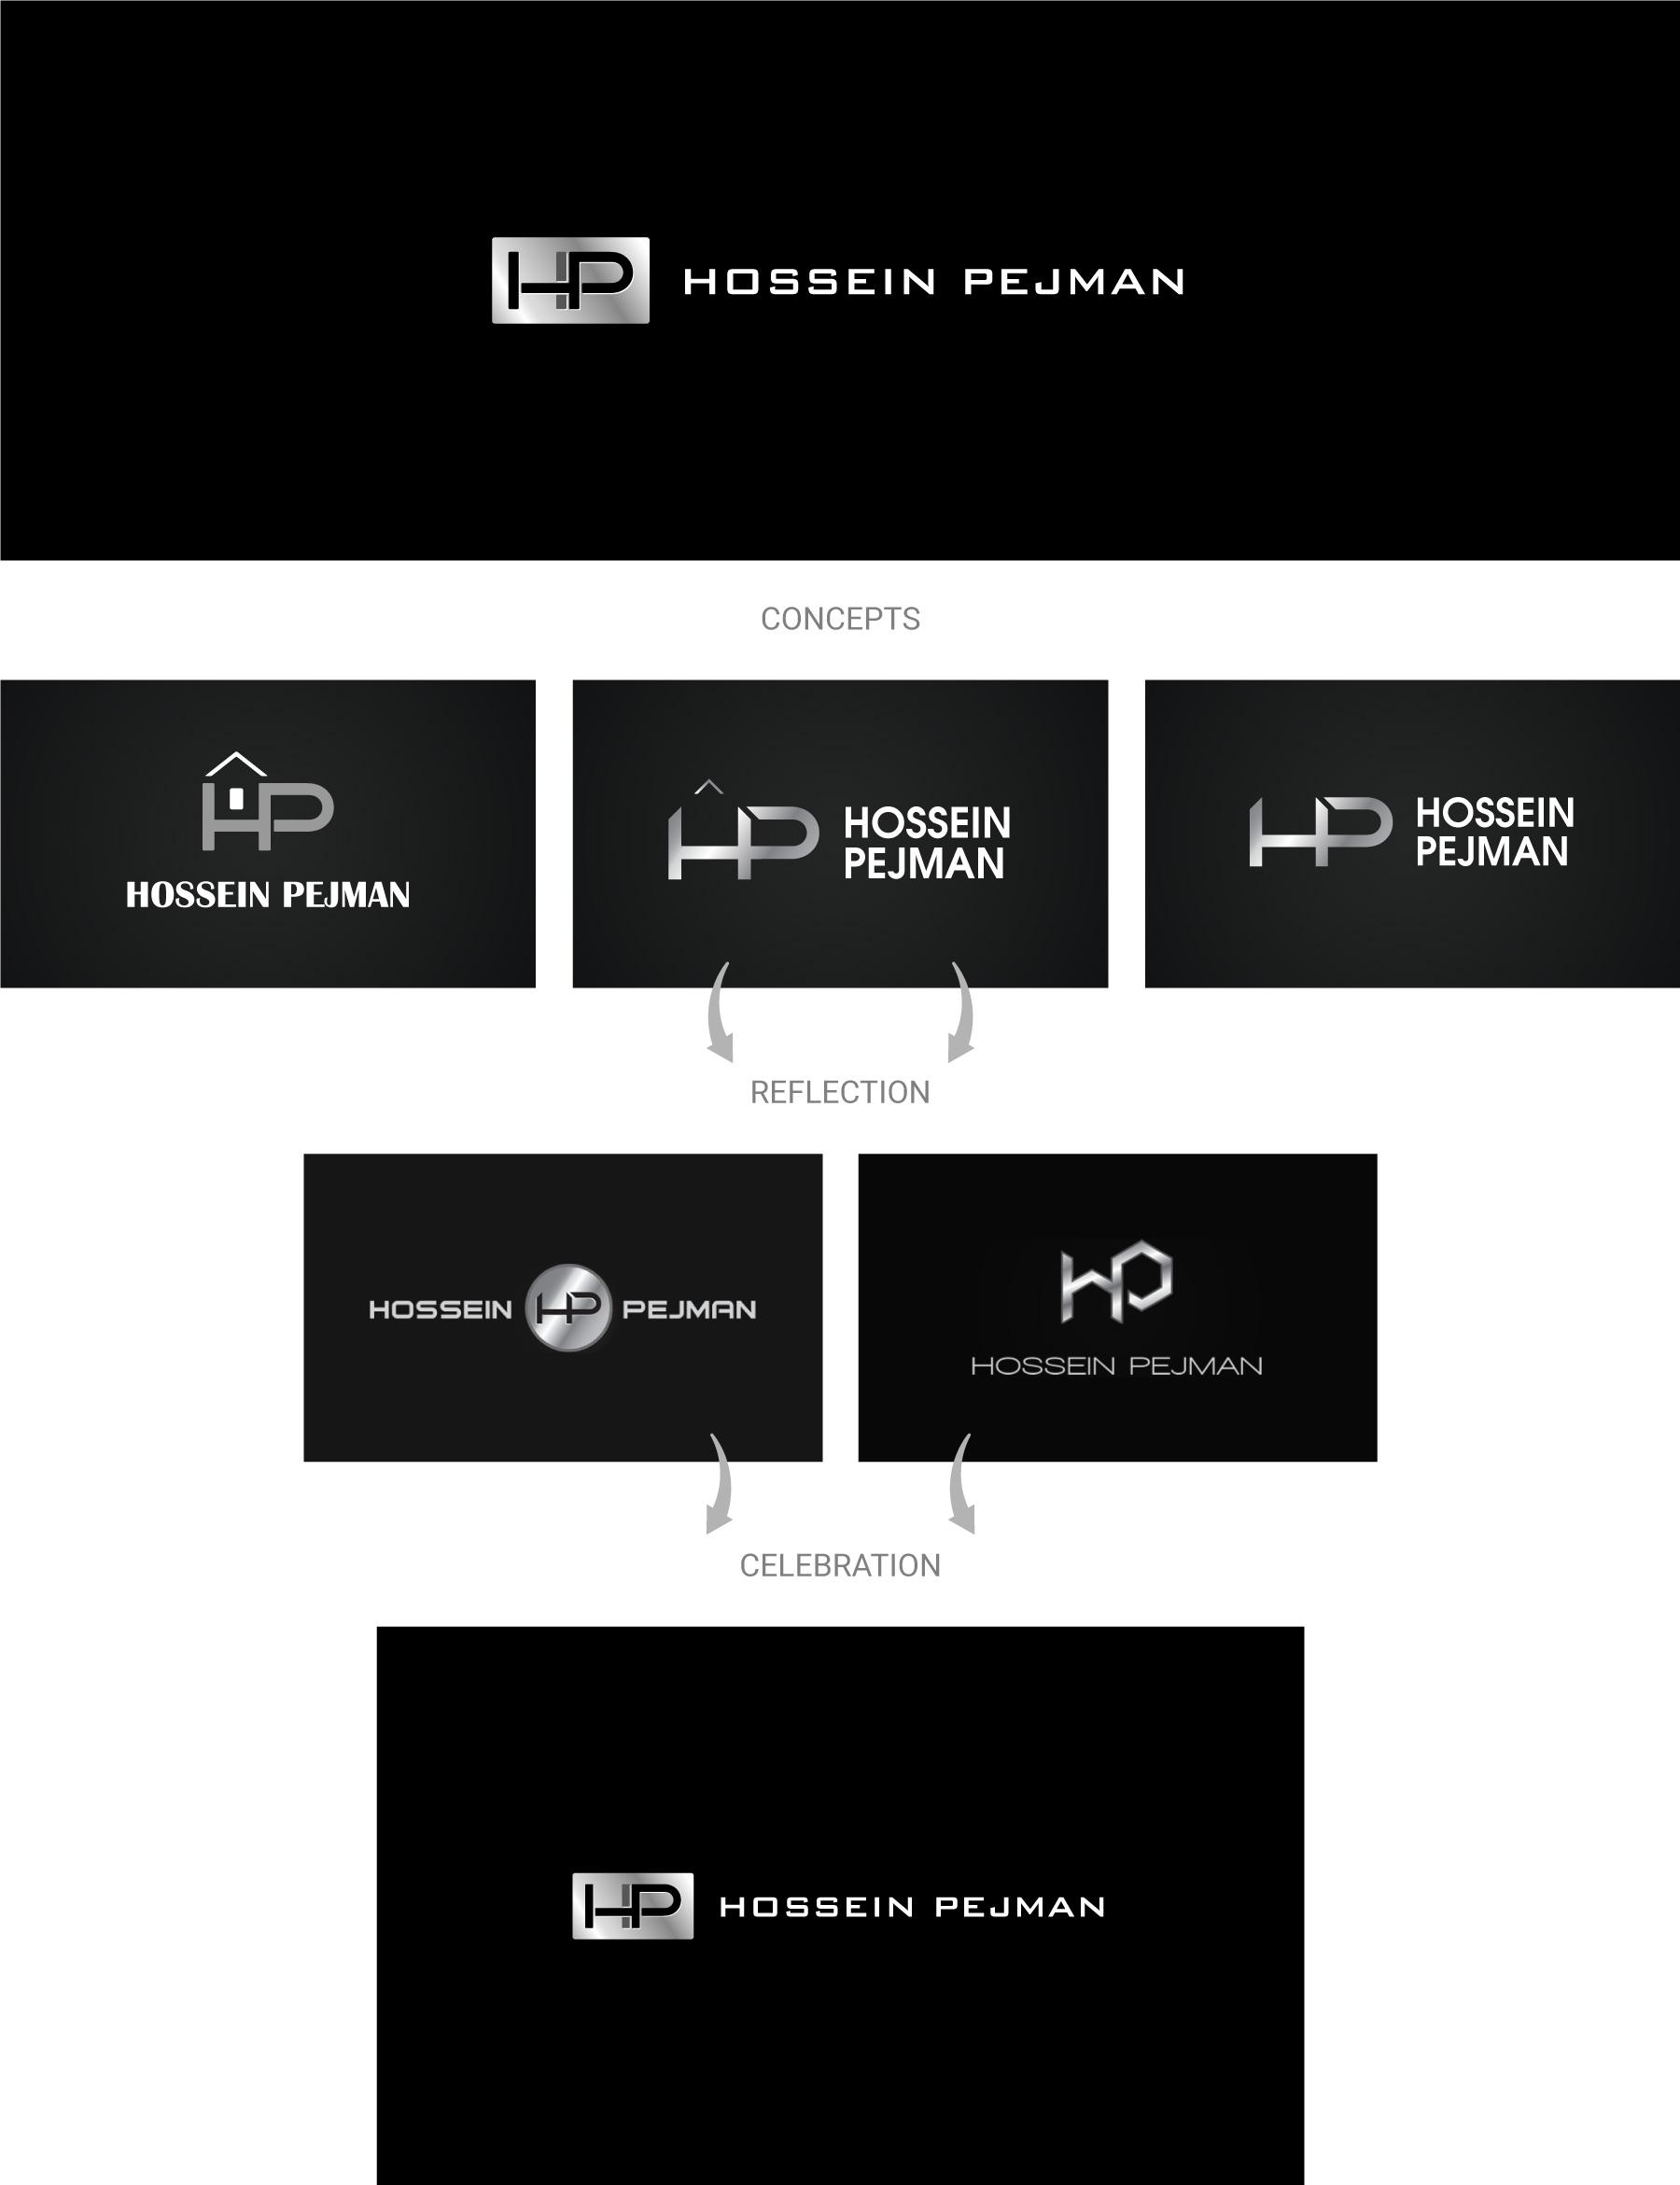 Hossein-pejman-logo-design